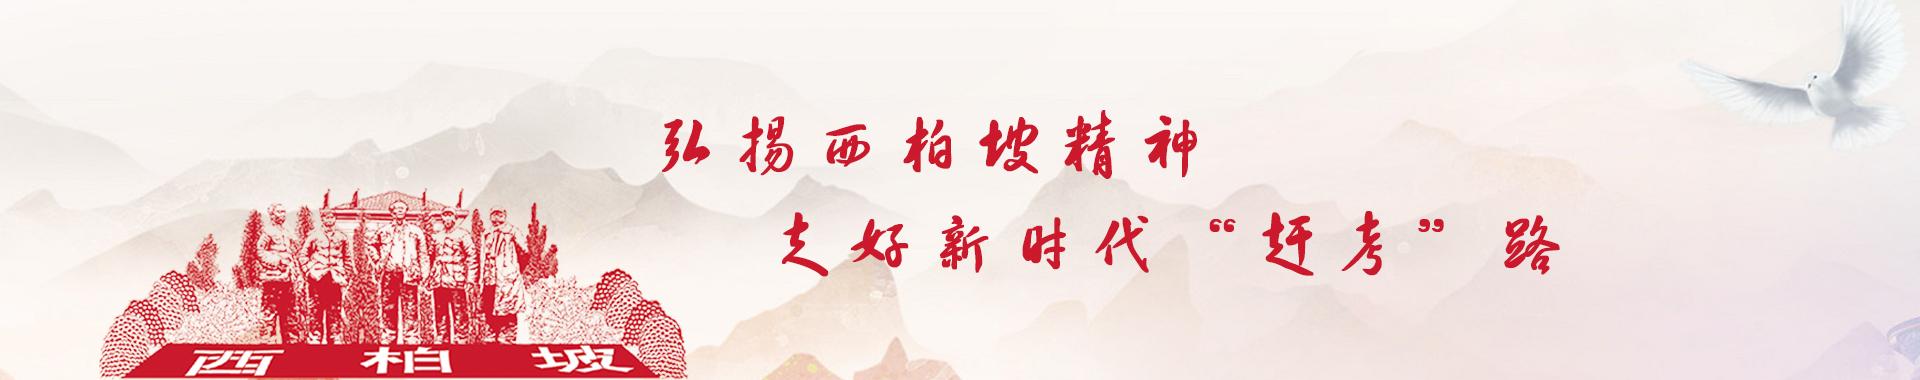 河北师大教育培训